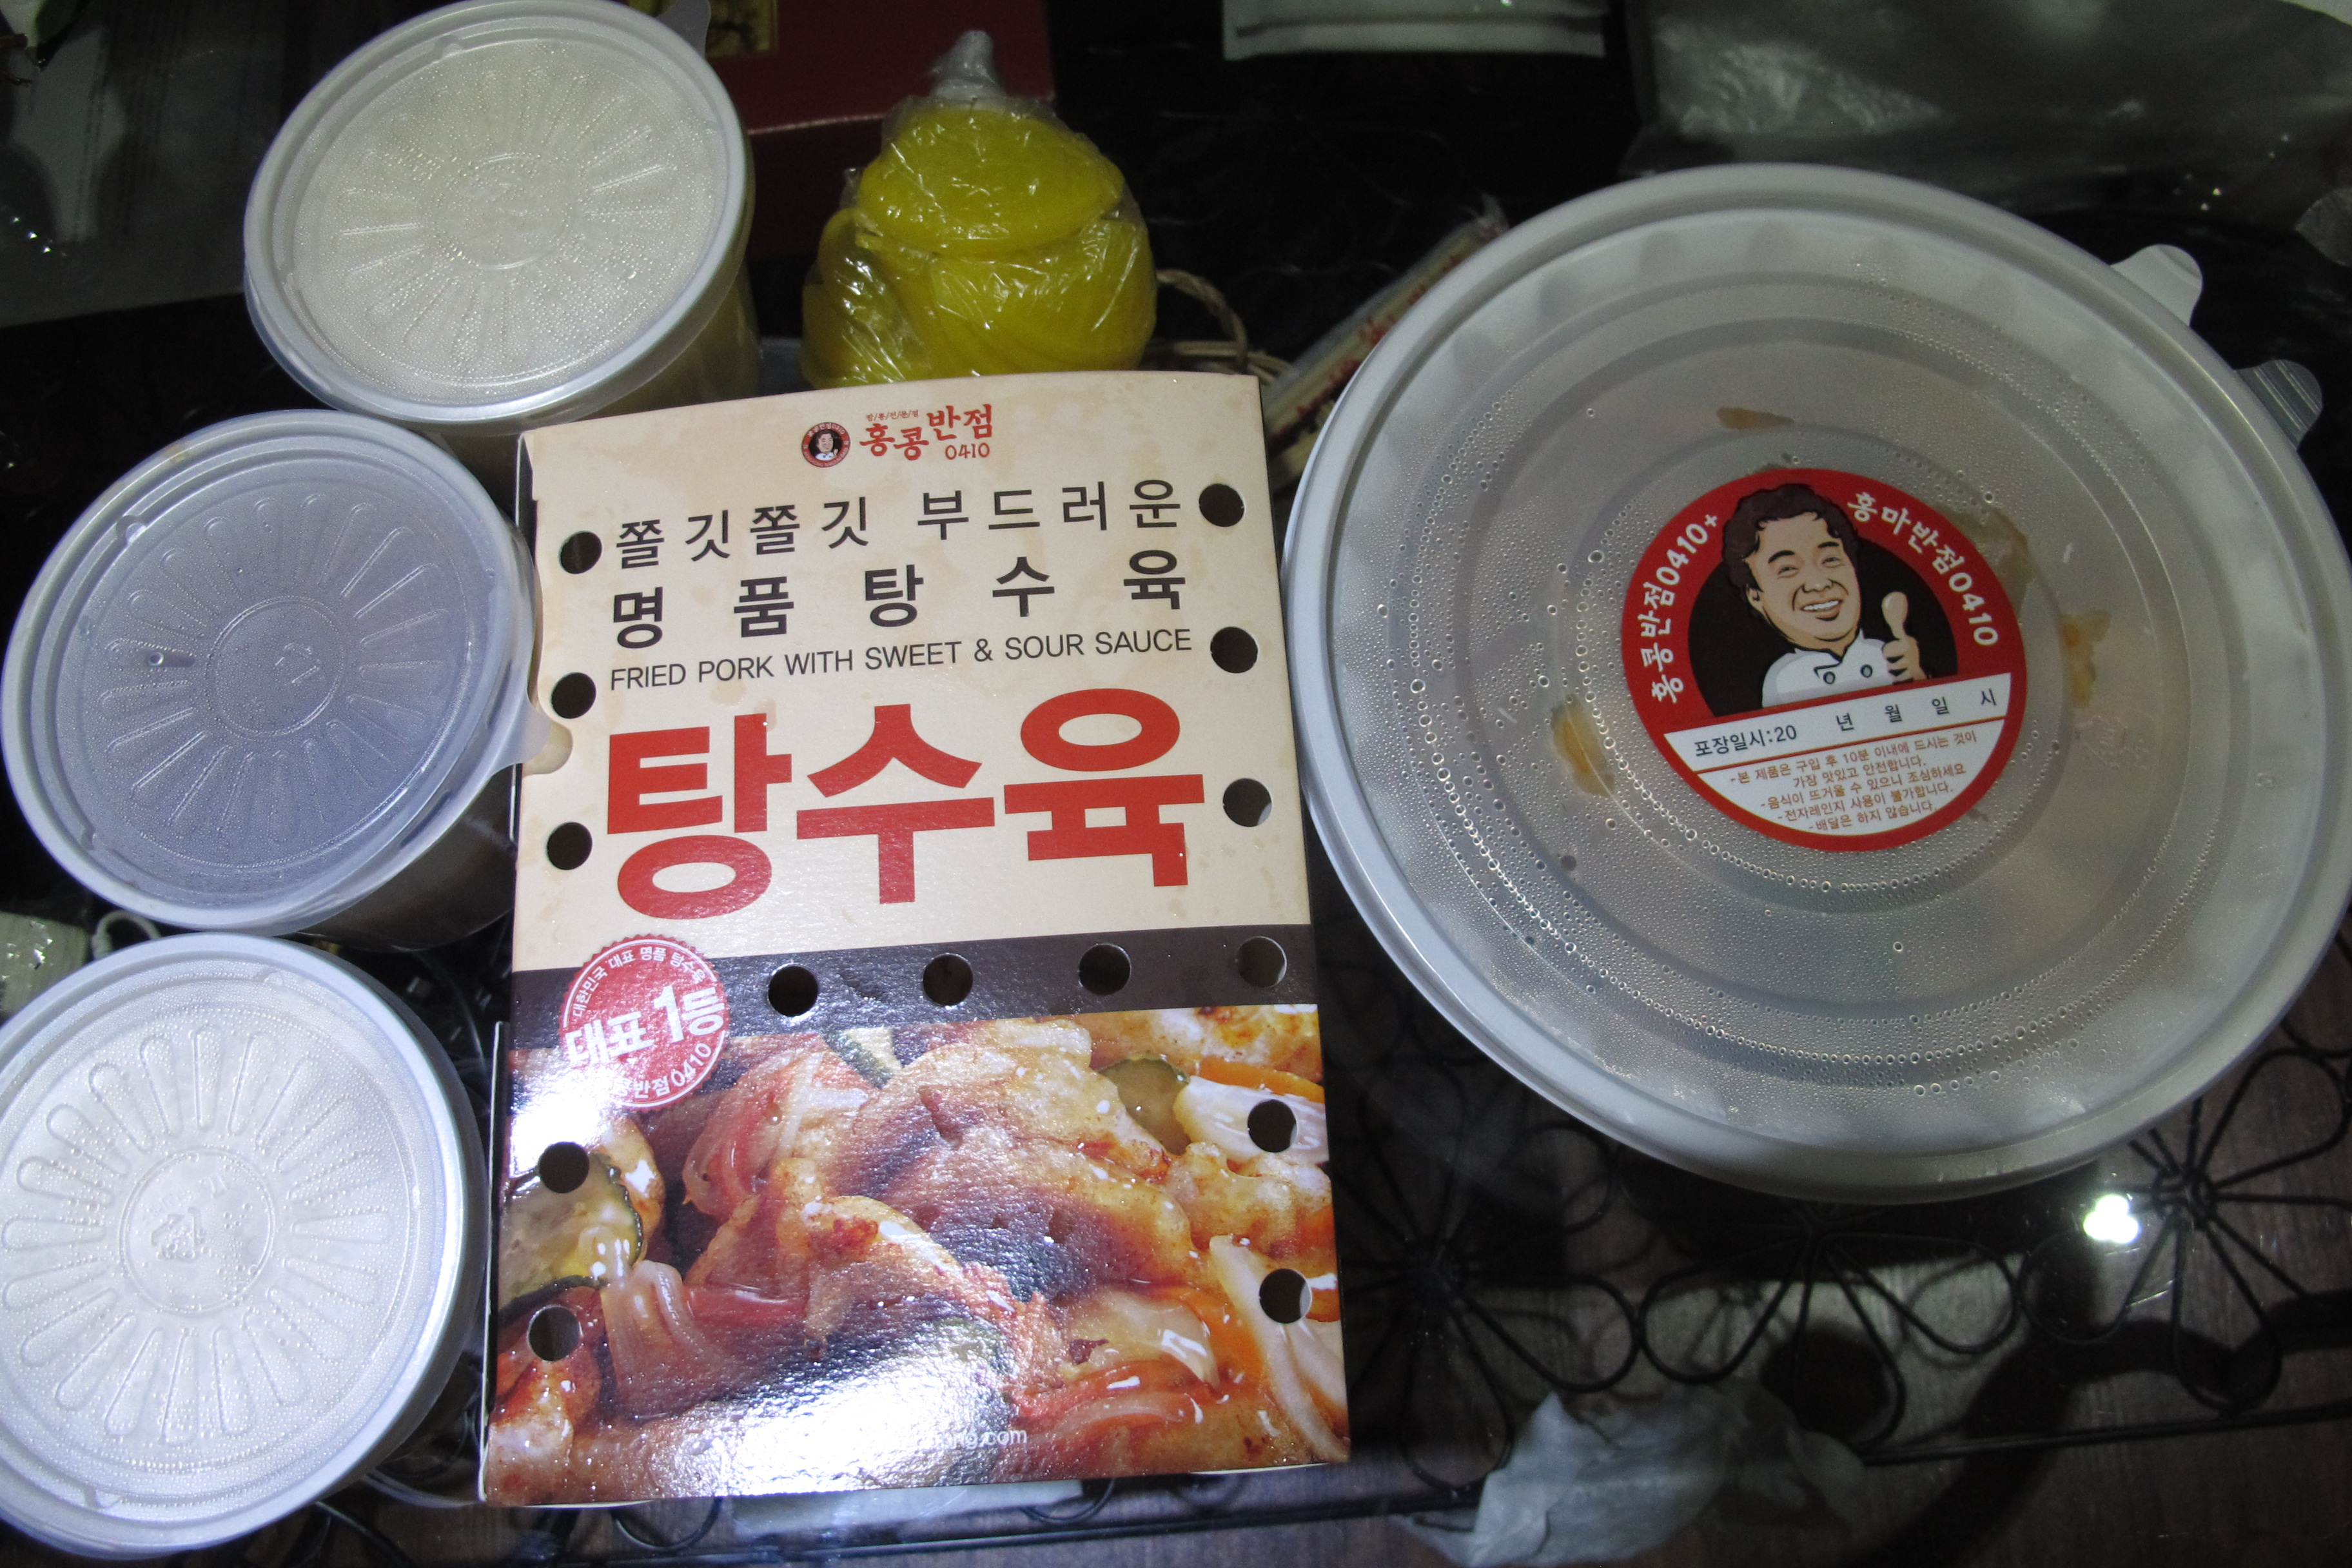 A story about jjajangmyeong/jjambong, tangsooyook